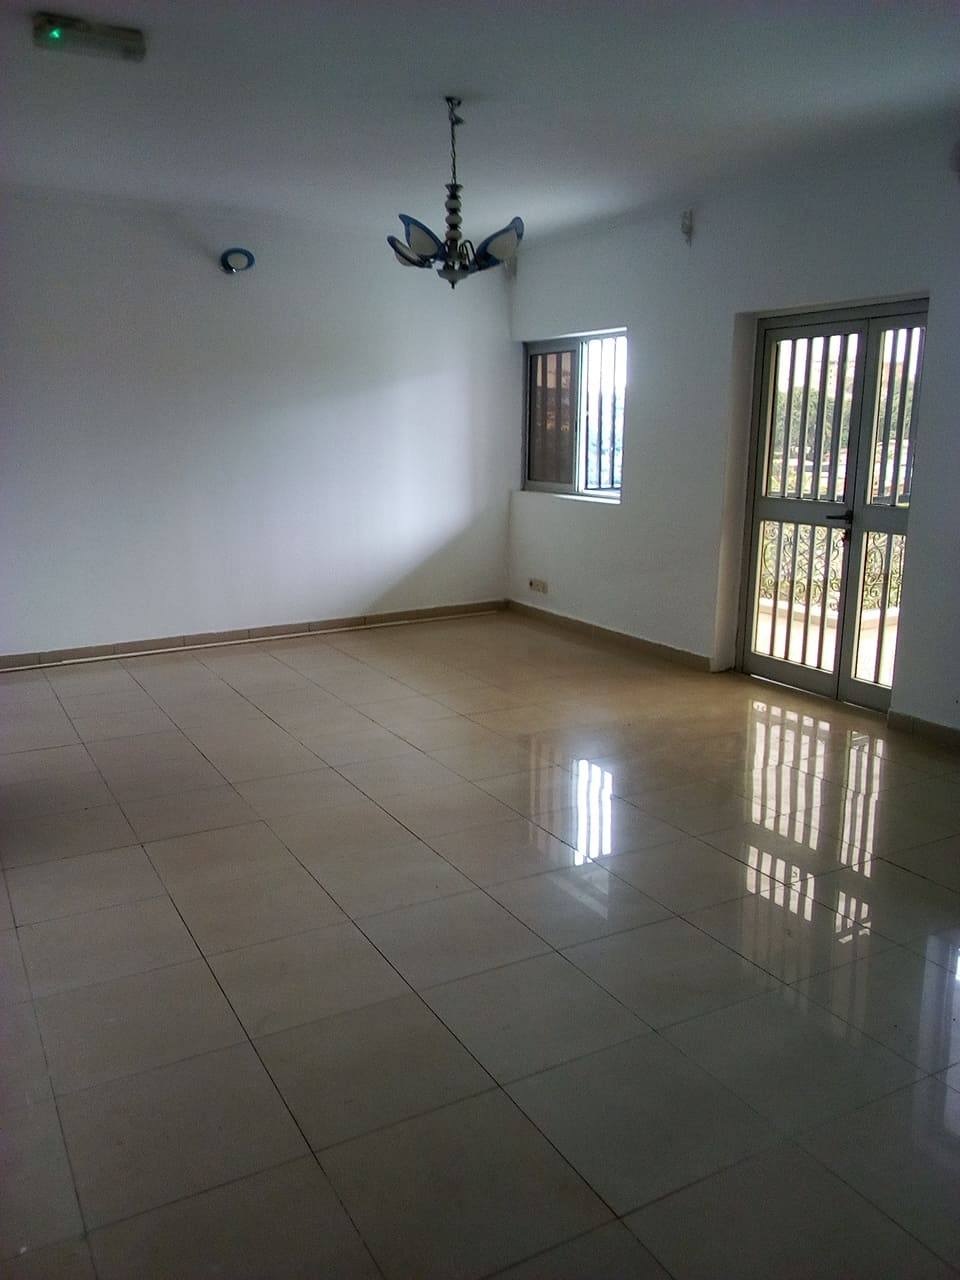 Apartment to rent - Yaoundé, Bastos, pas loin du famous - 1 living room(s), 3 bedroom(s), 3 bathroom(s) - 600 000 FCFA / month